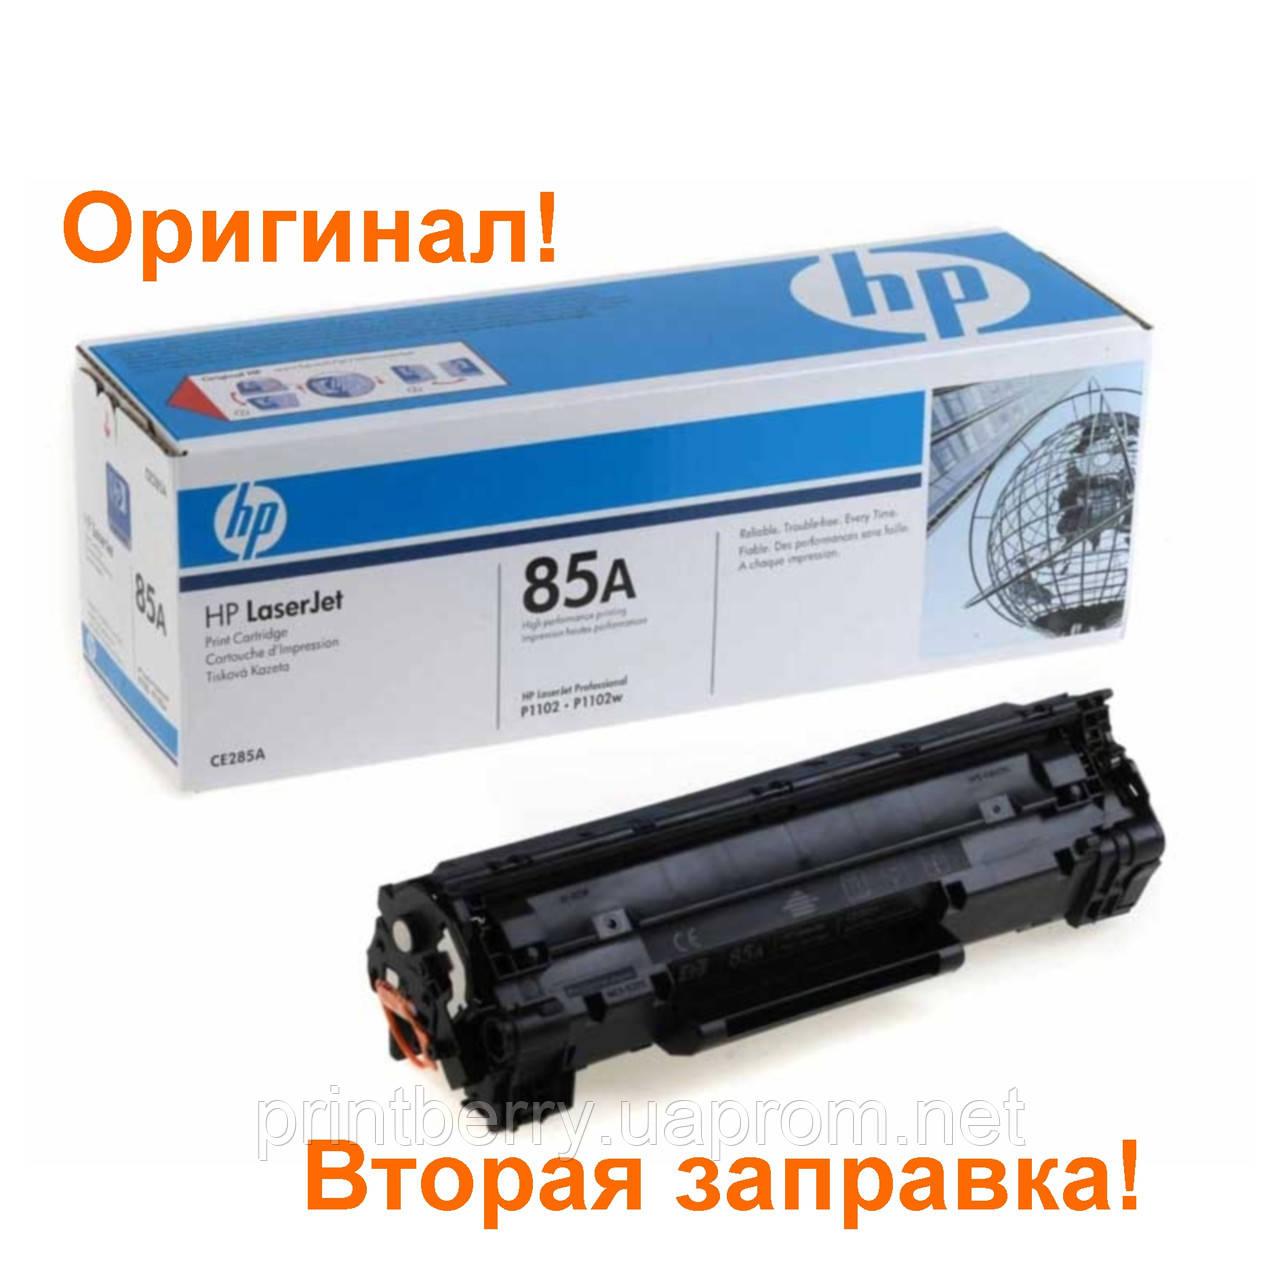 Лазерный картридж, оригинальный, вторая заправка HP CE285A (85A)